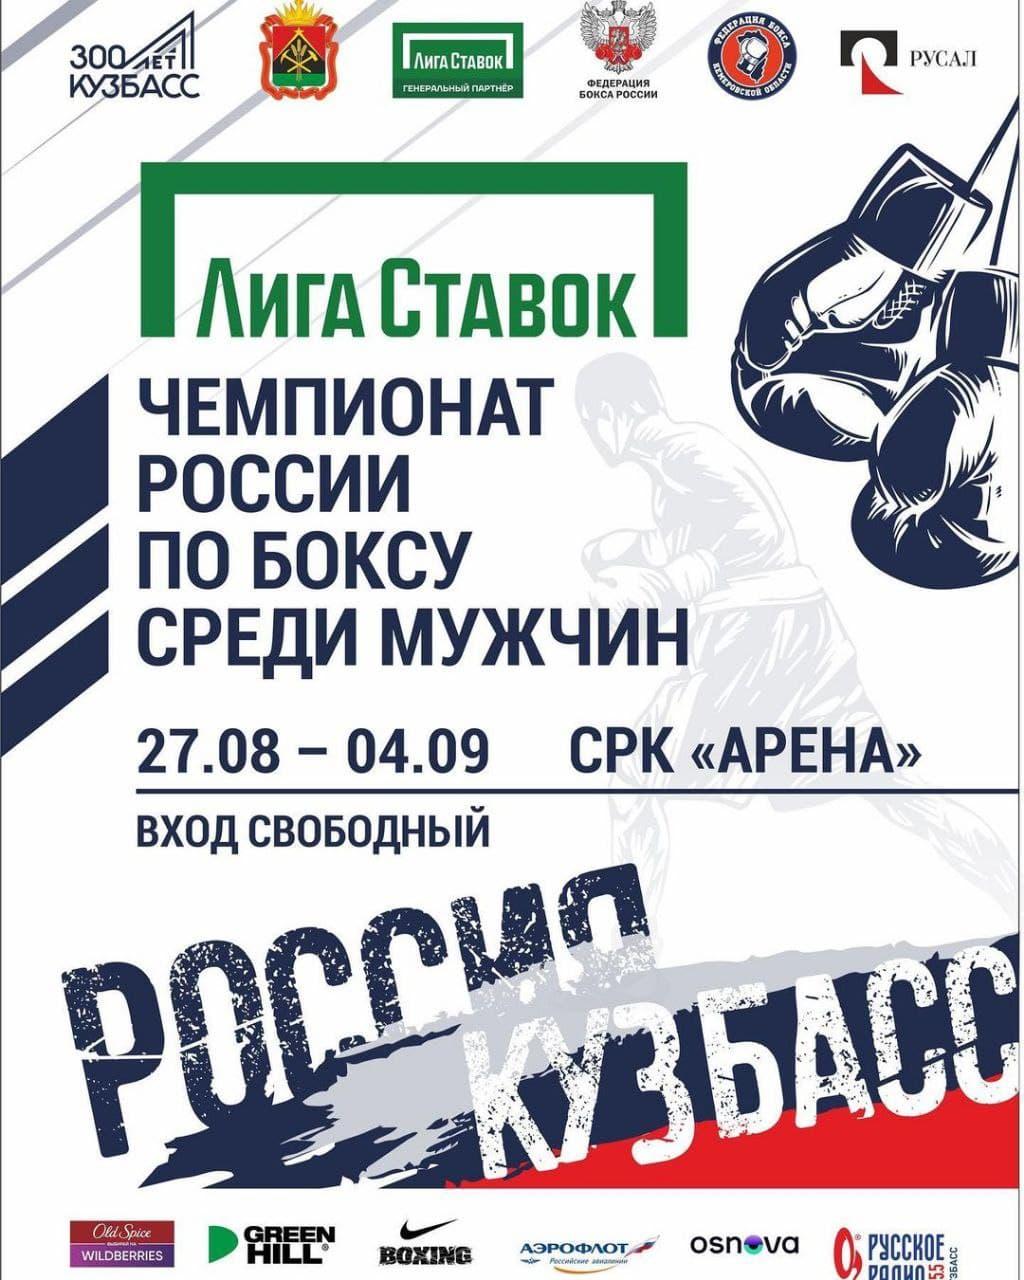 Лига Ставок. Чемпионат России по боксу среди мужчин 19-40 лет. Кемерово